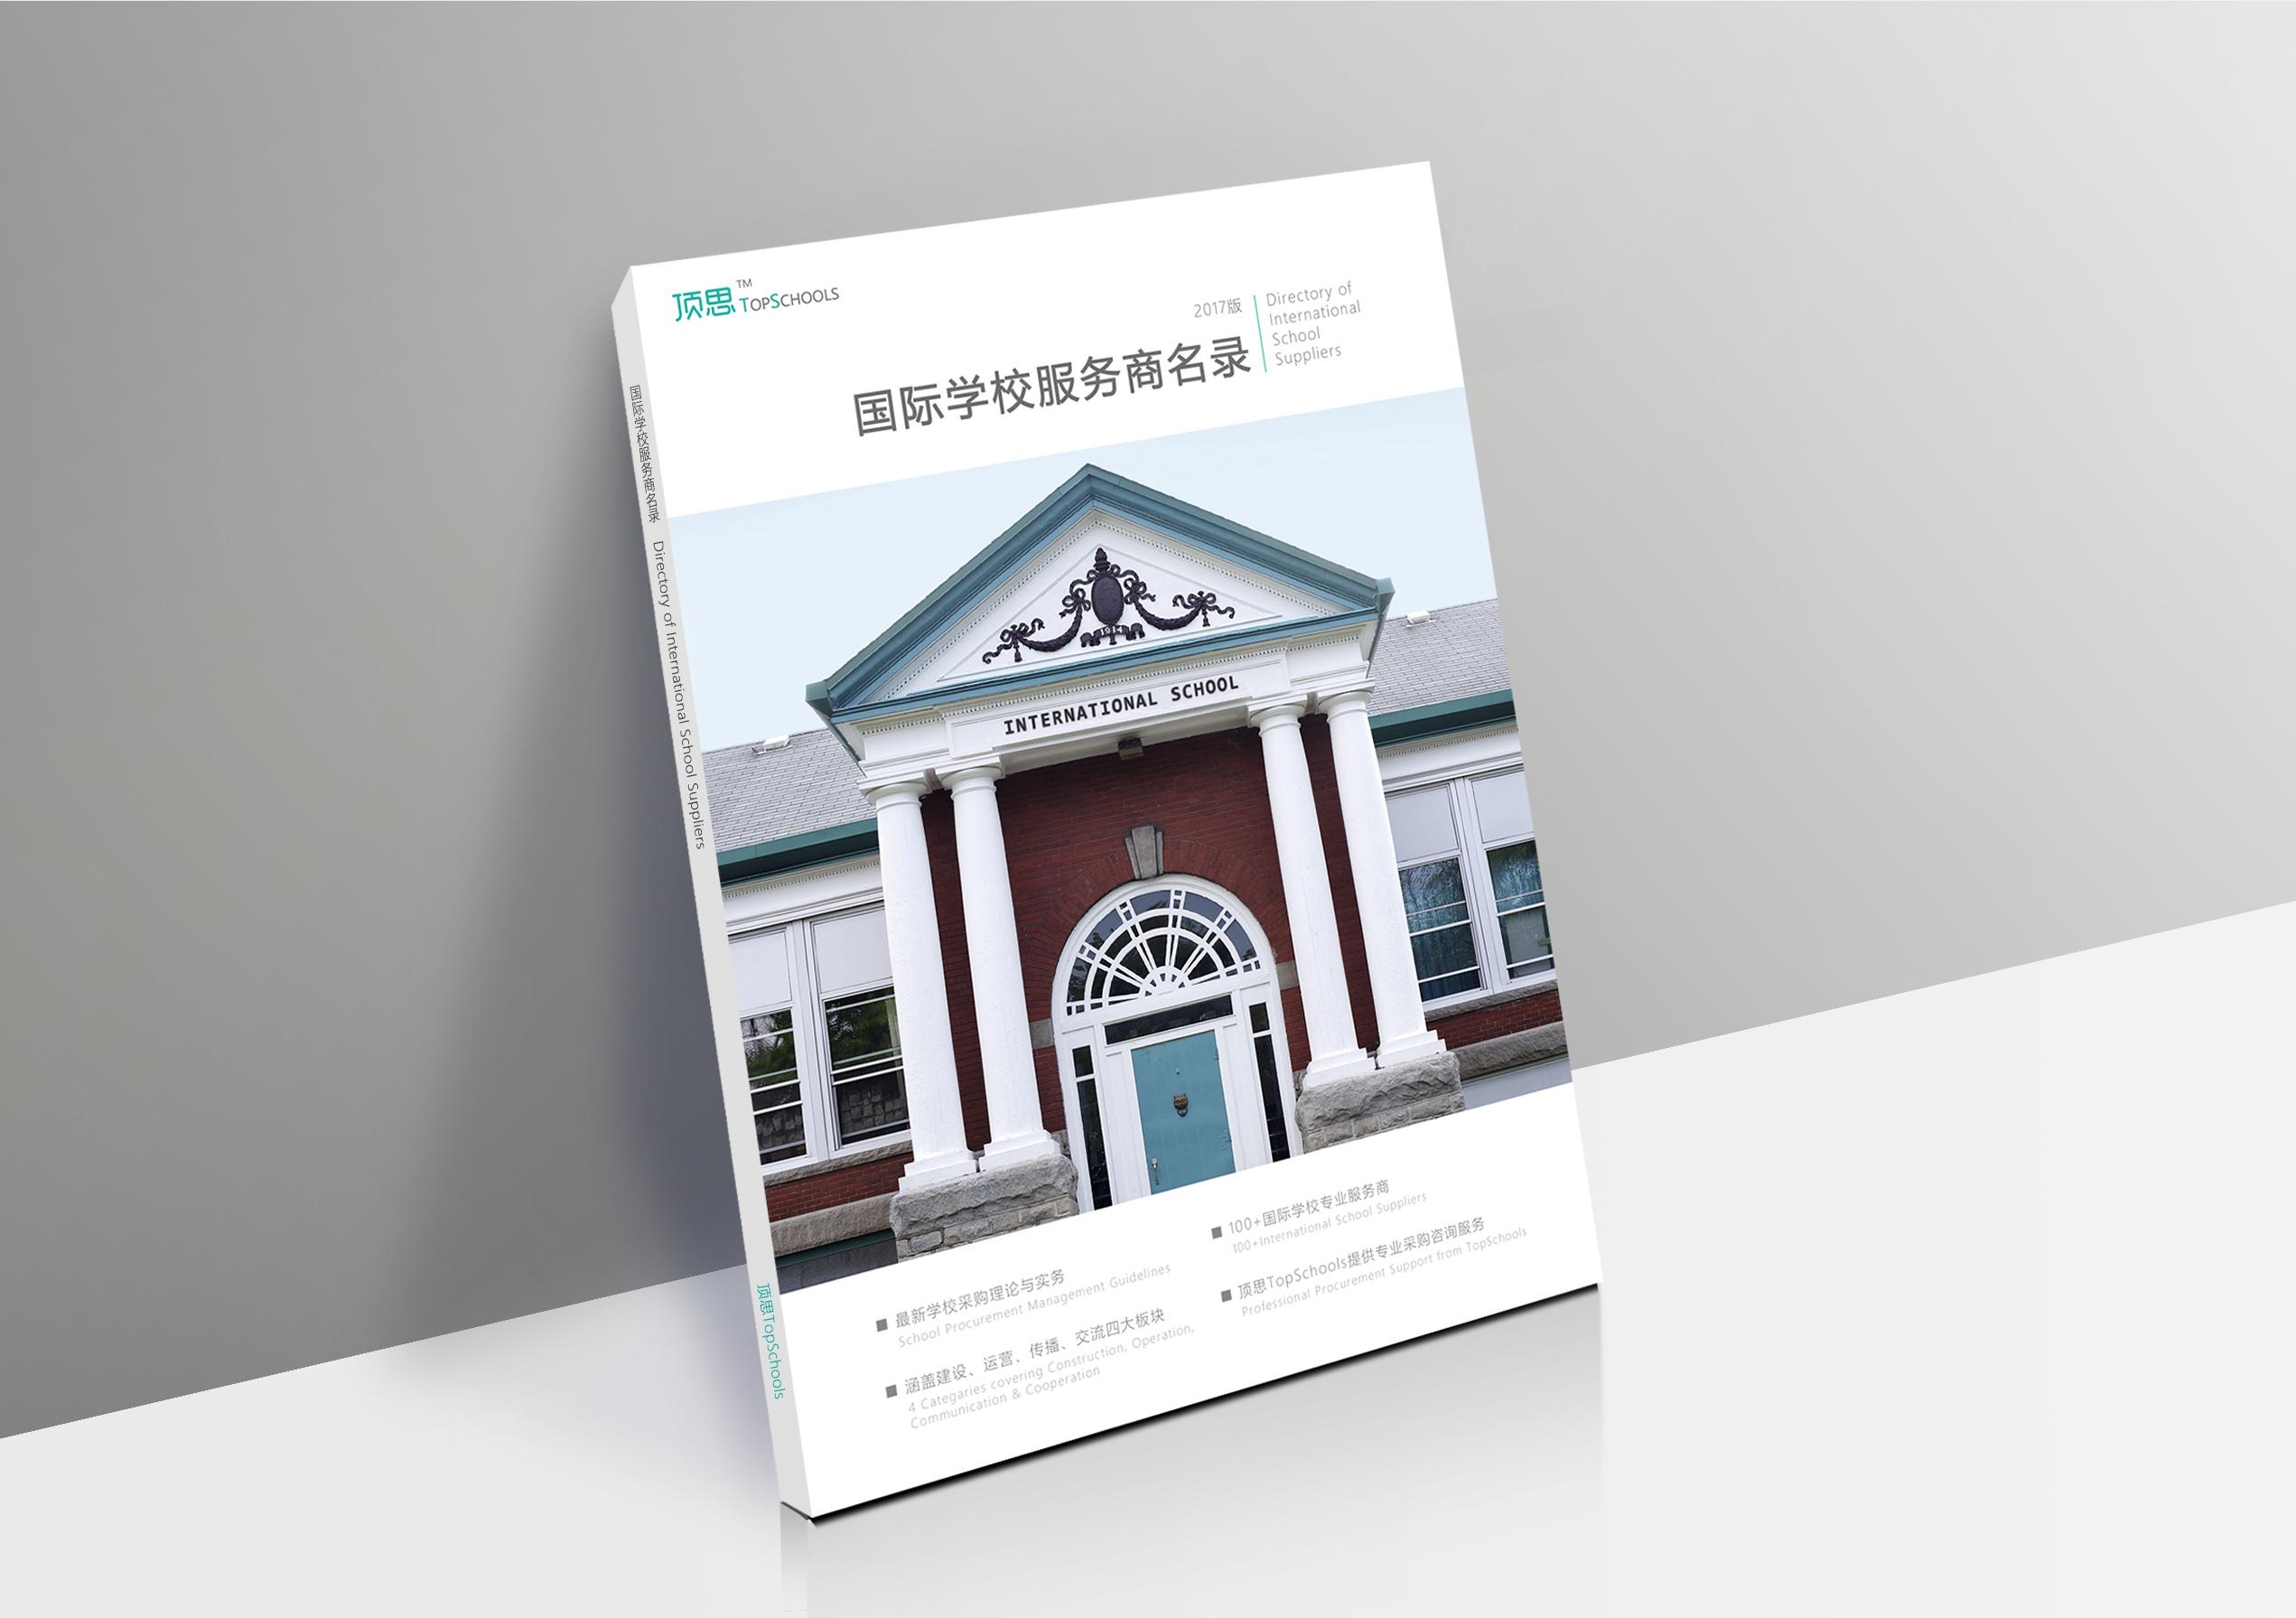 2017版《国际学校服务商名录》